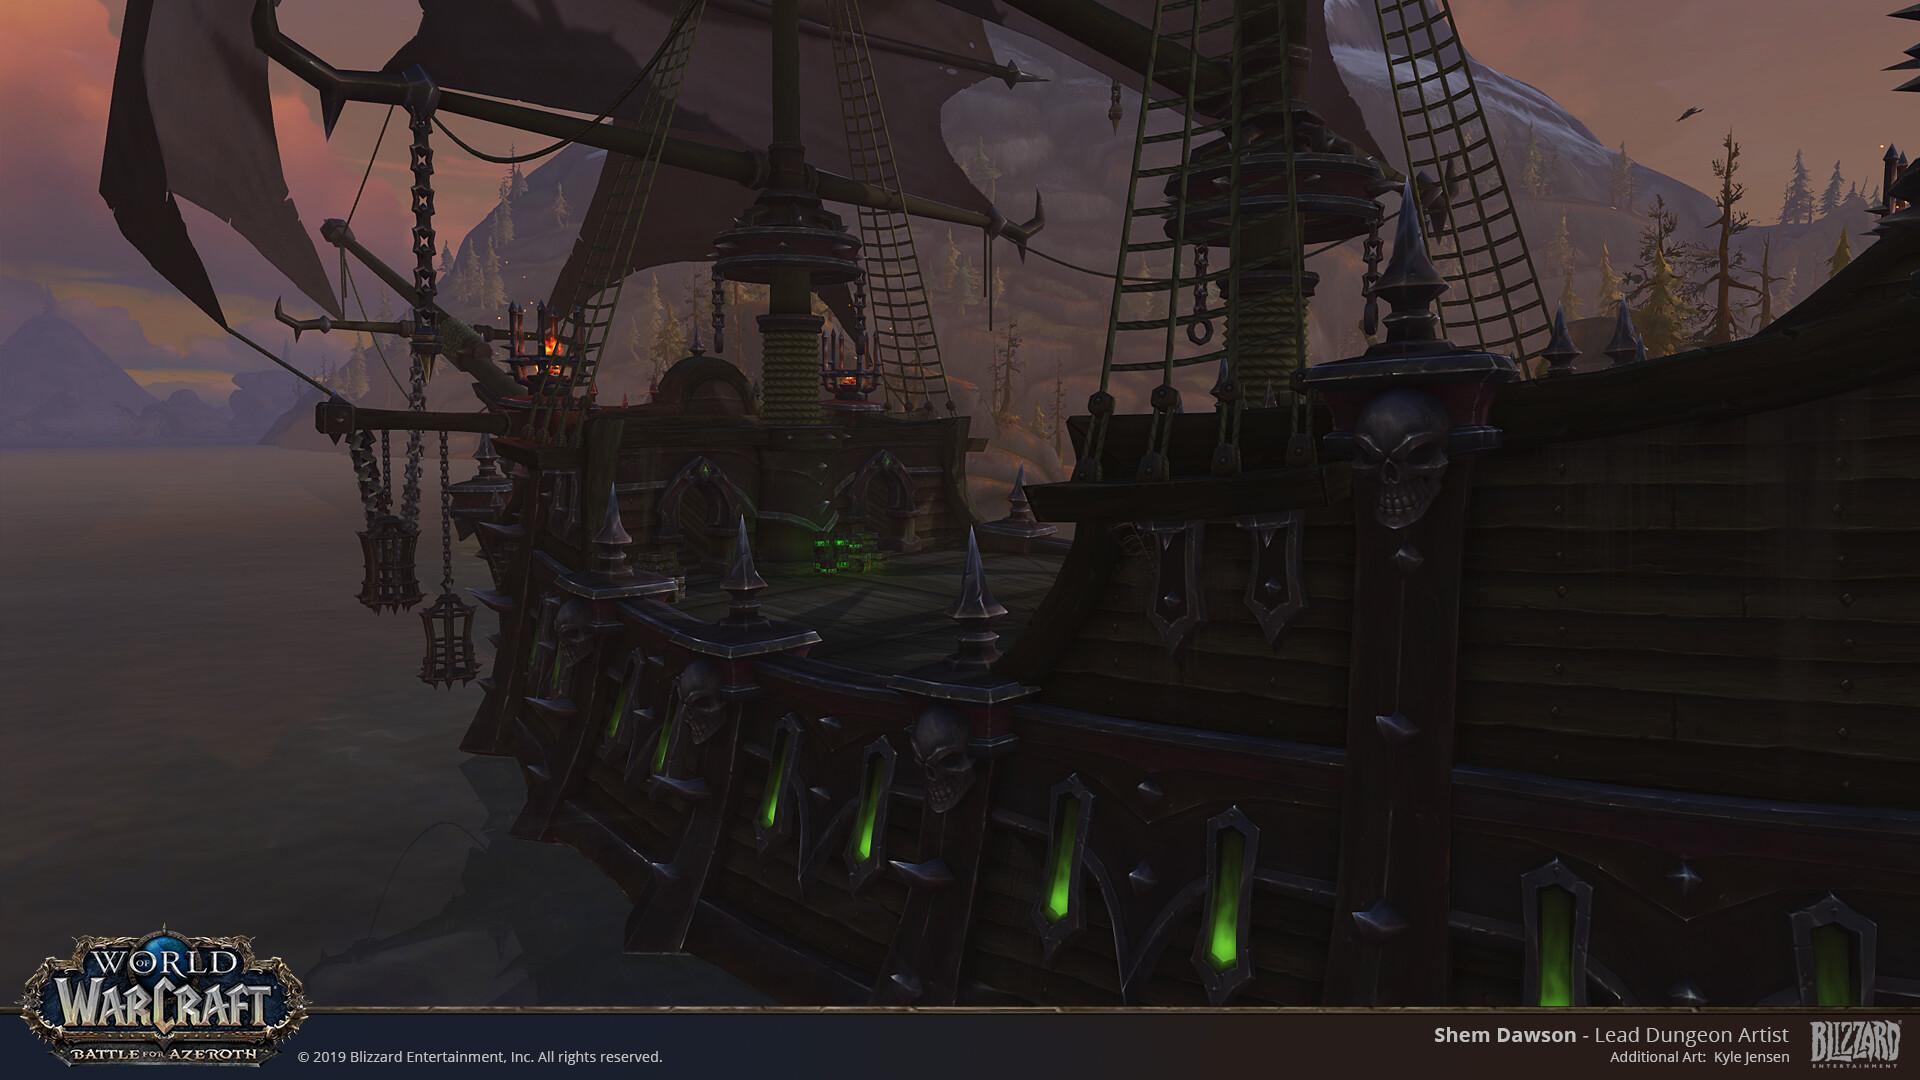 Shem dawson forskaen ship image06